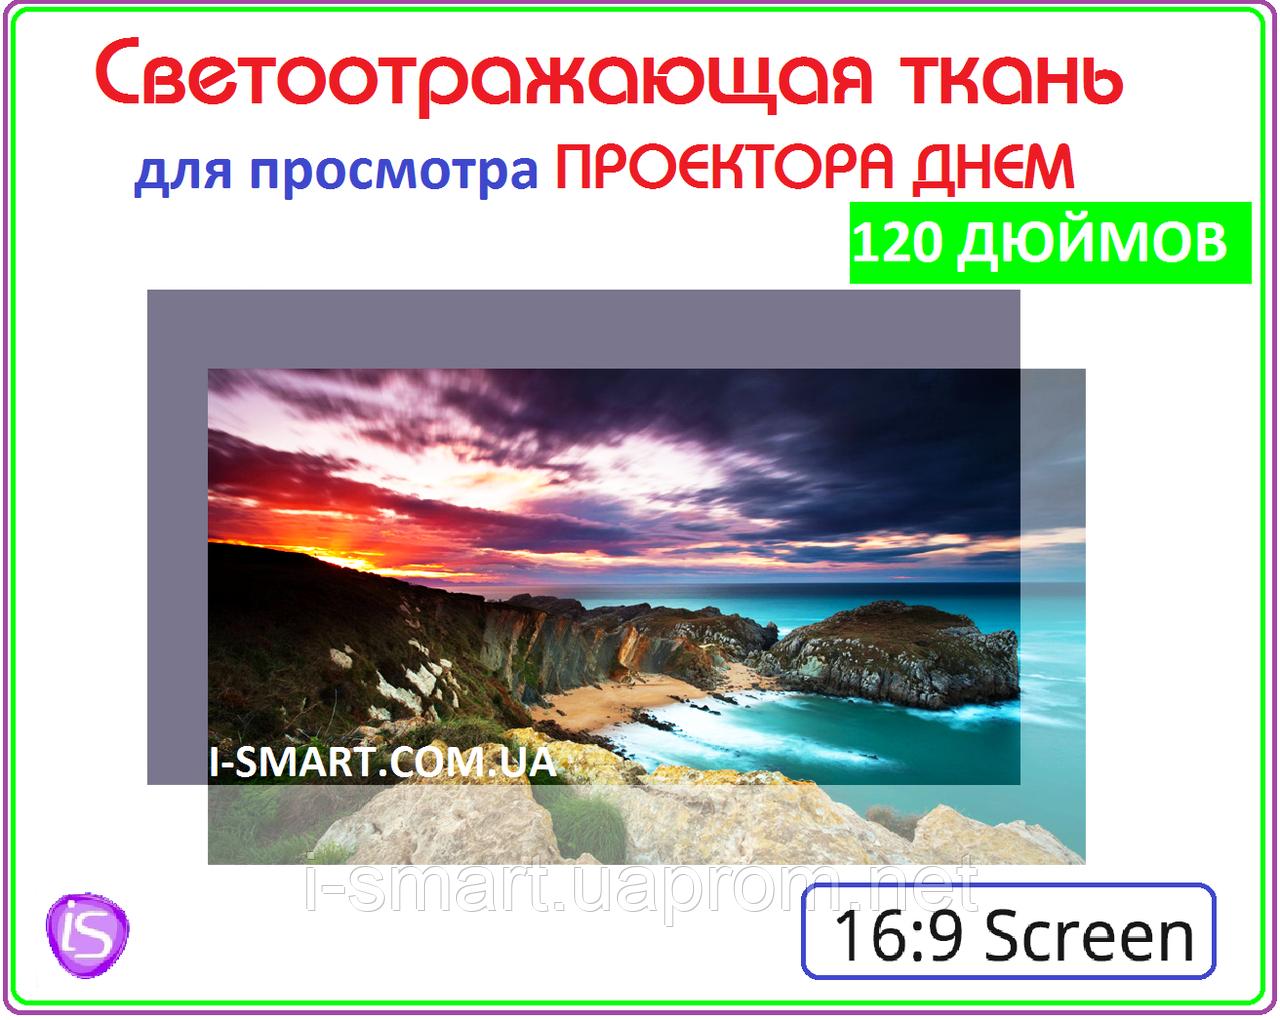 Экран для проектора светоотражающий 120 дюймов - для просмотра проектора днем